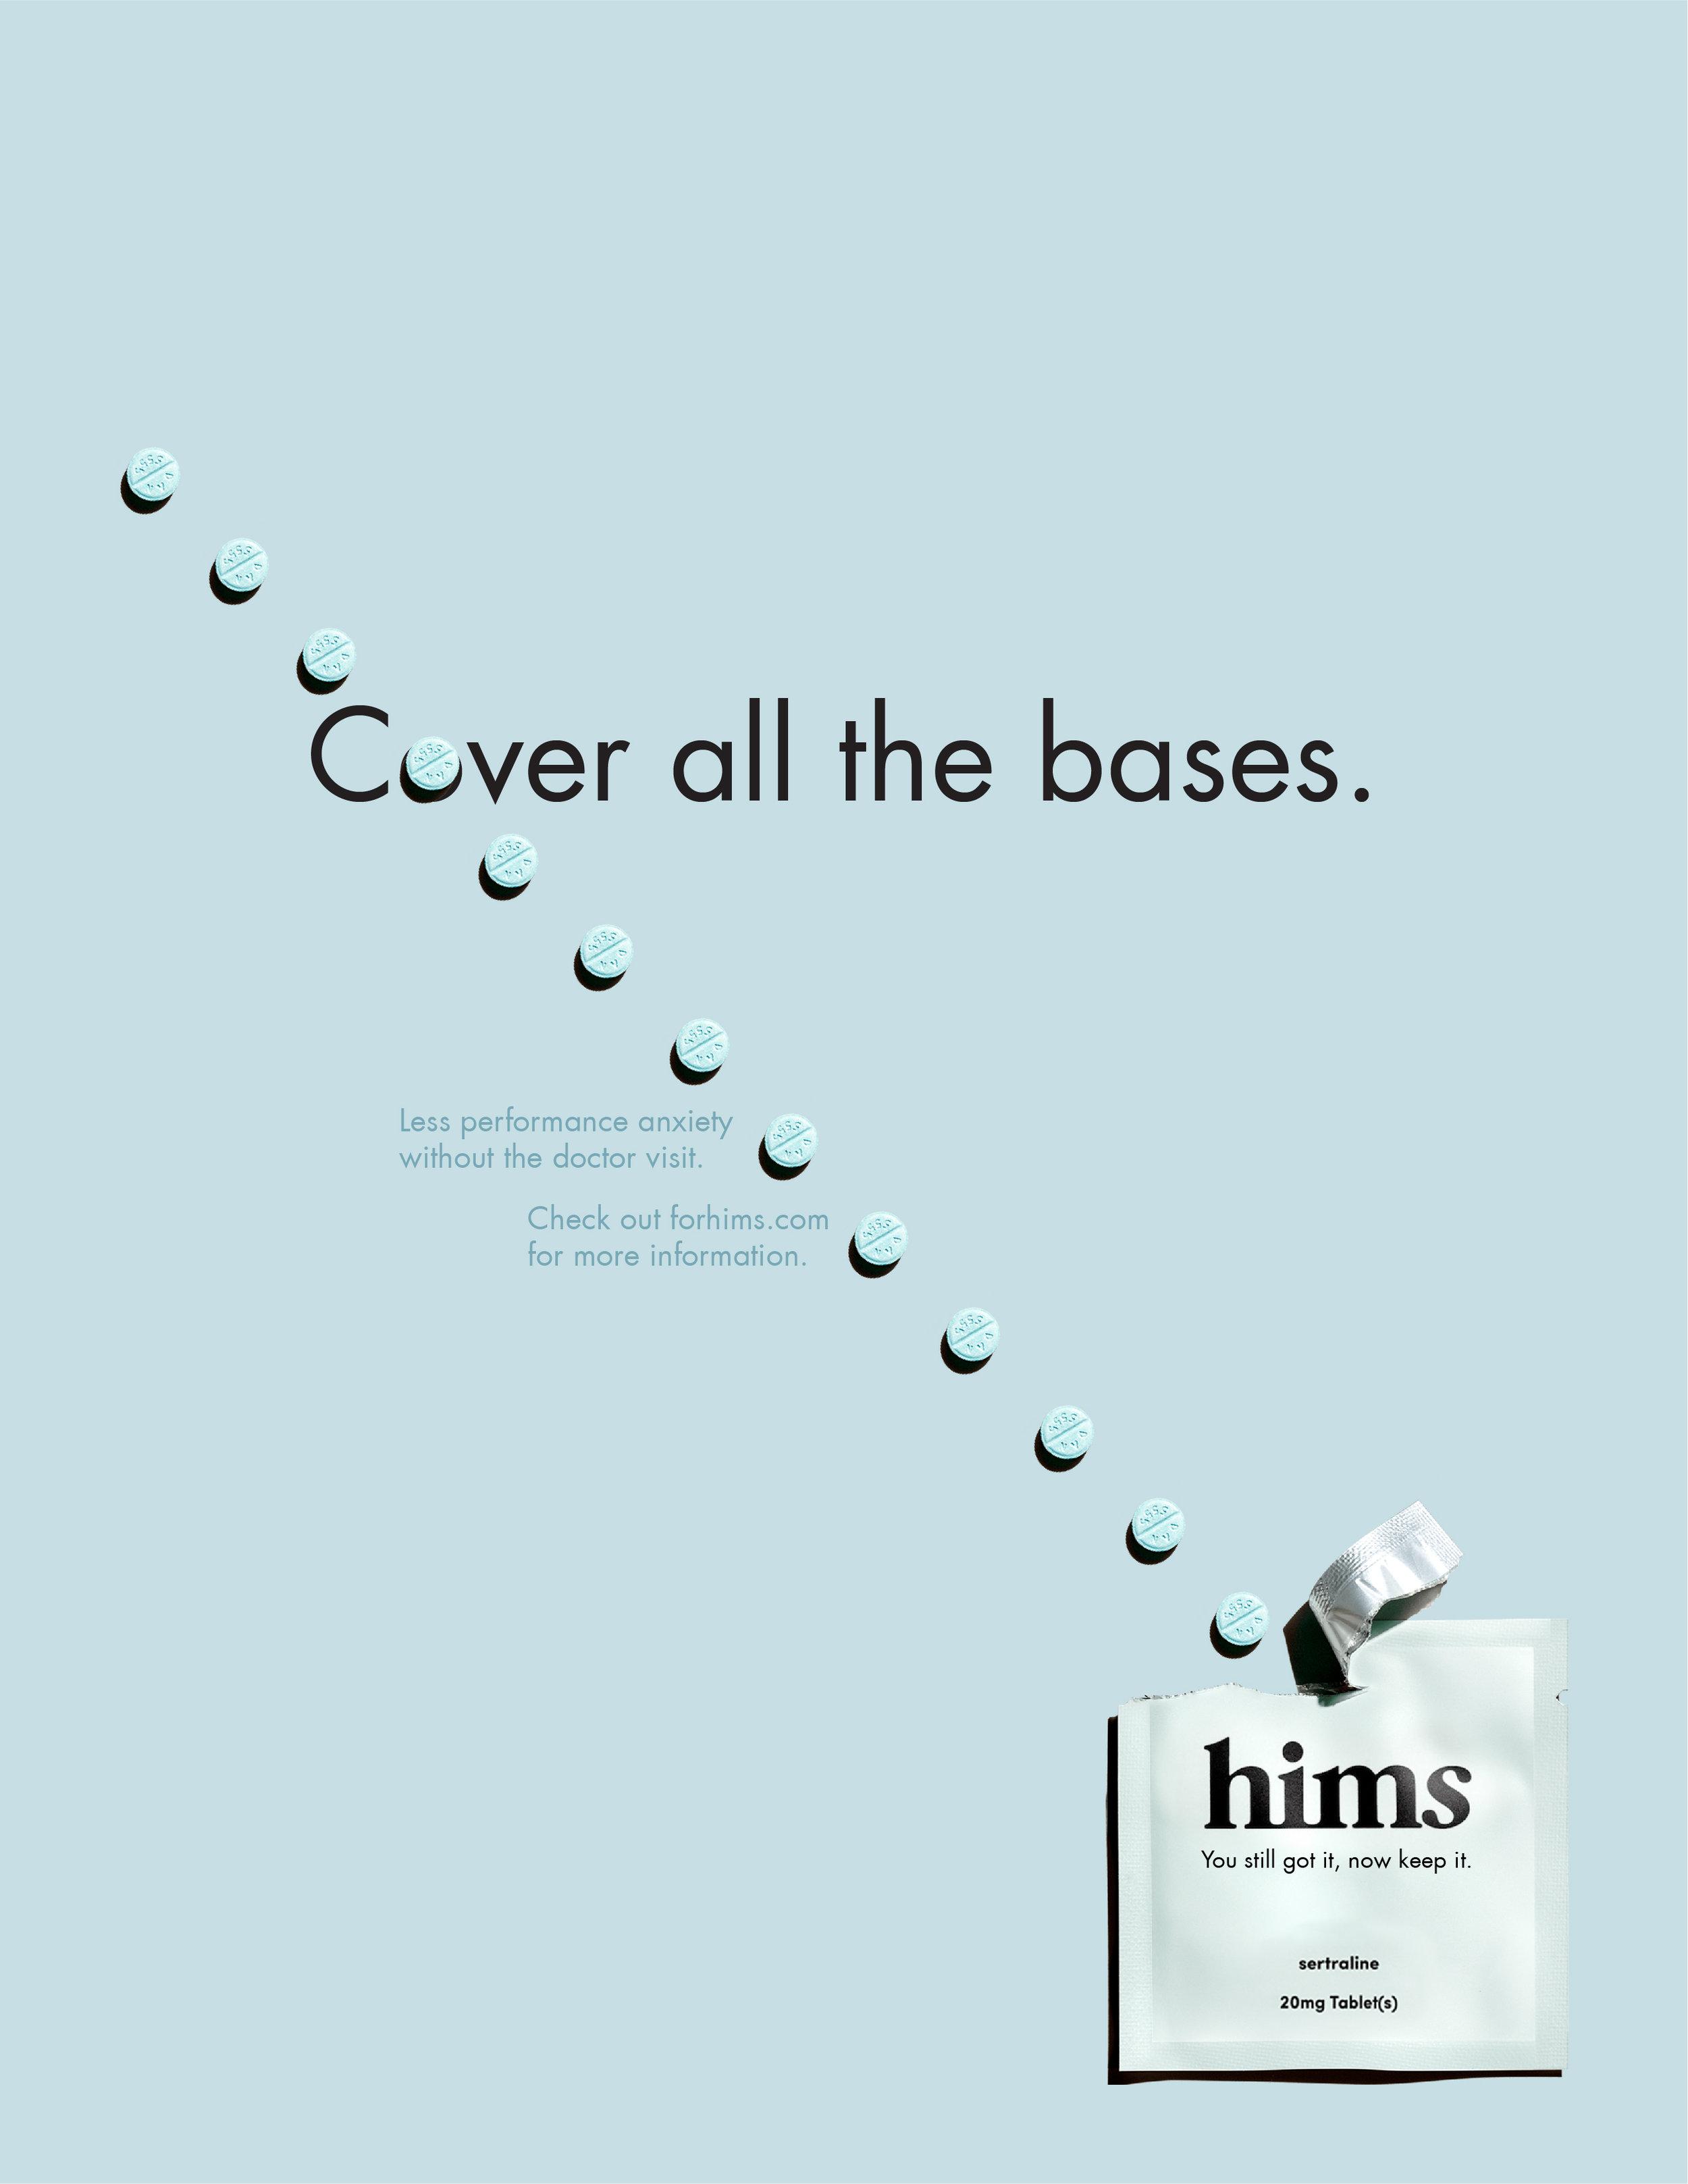 hims_printsV02-07.jpg